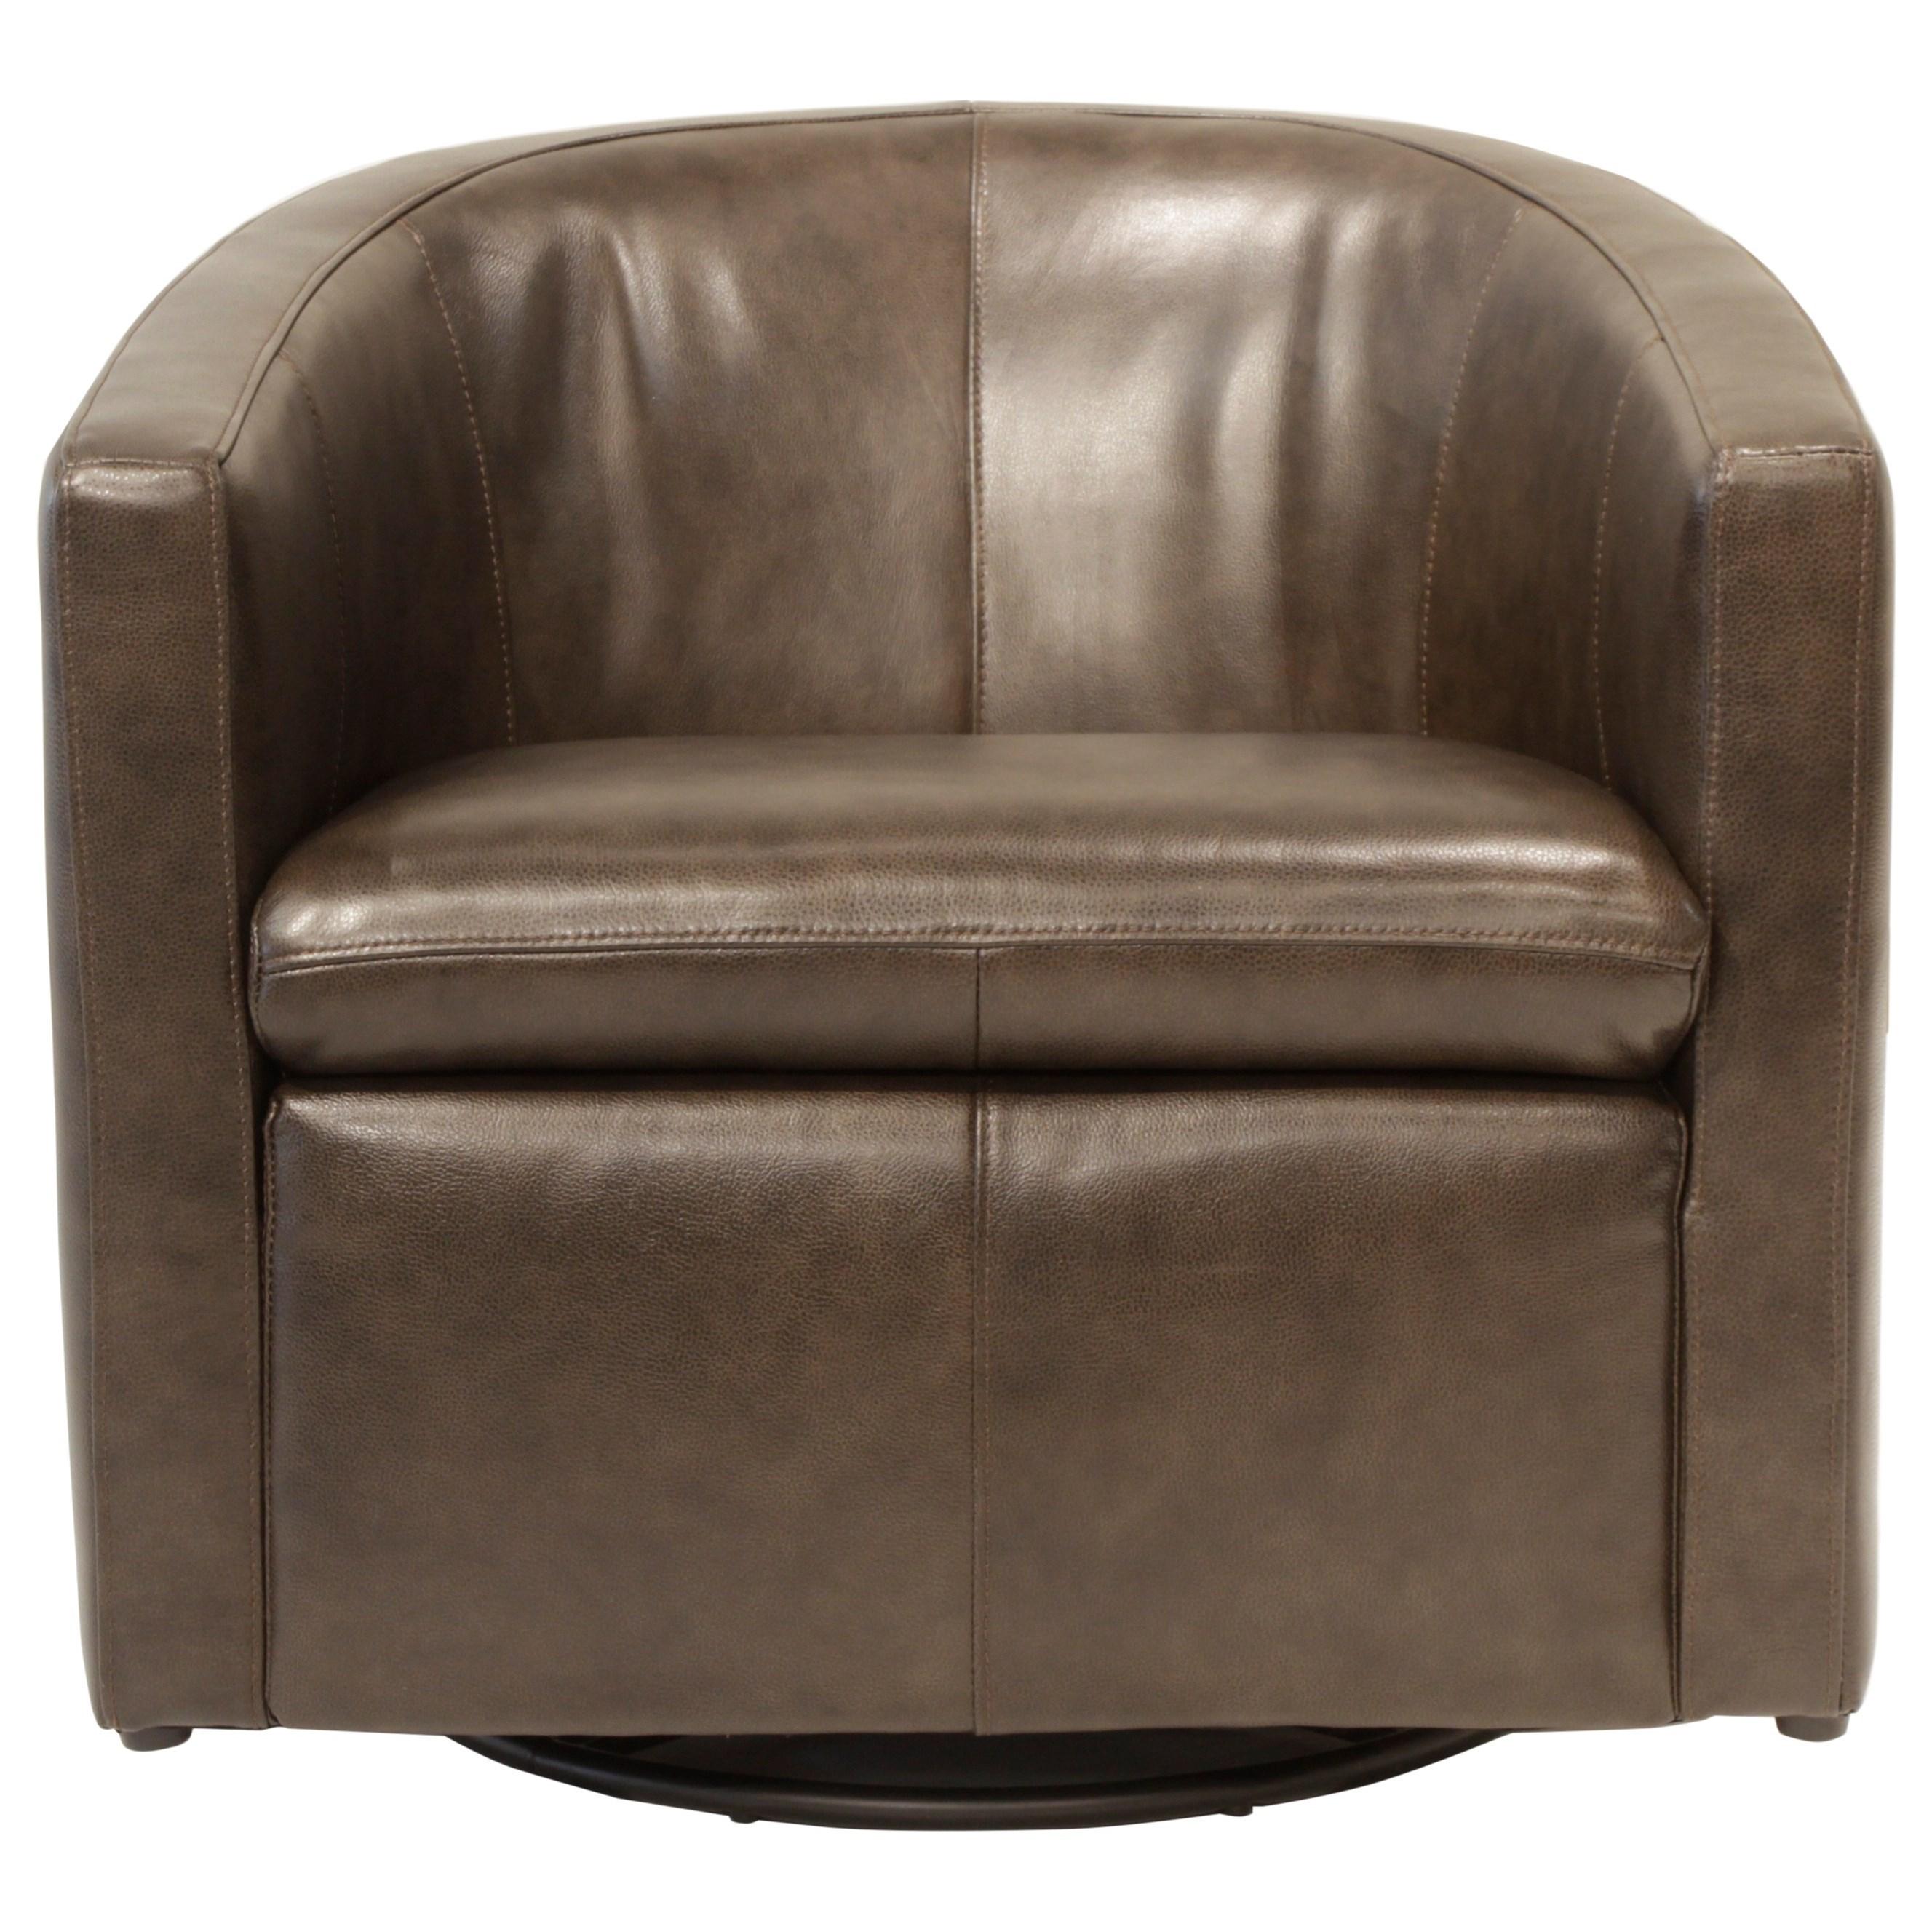 Delicieux Dunk U0026 Bright Furniture